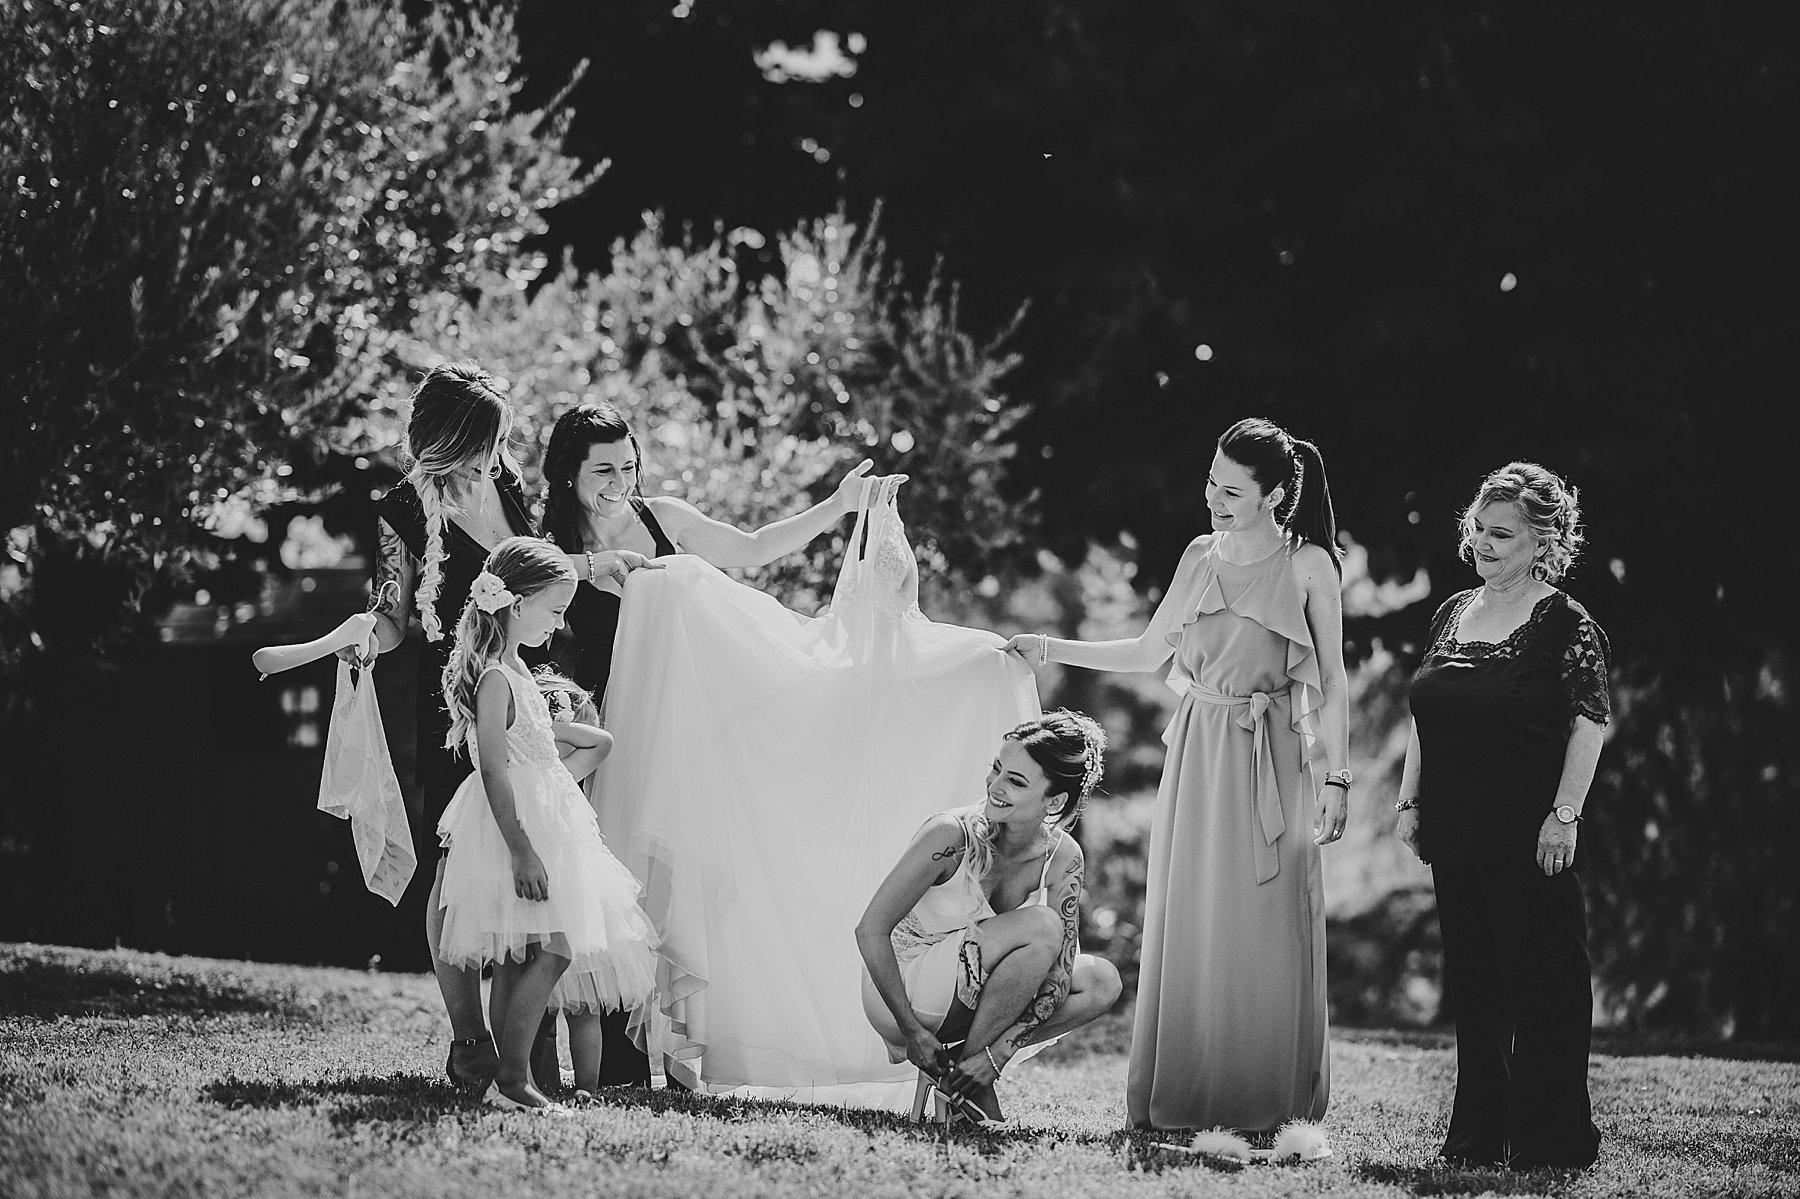 matrimonio mugello preparazione sposa